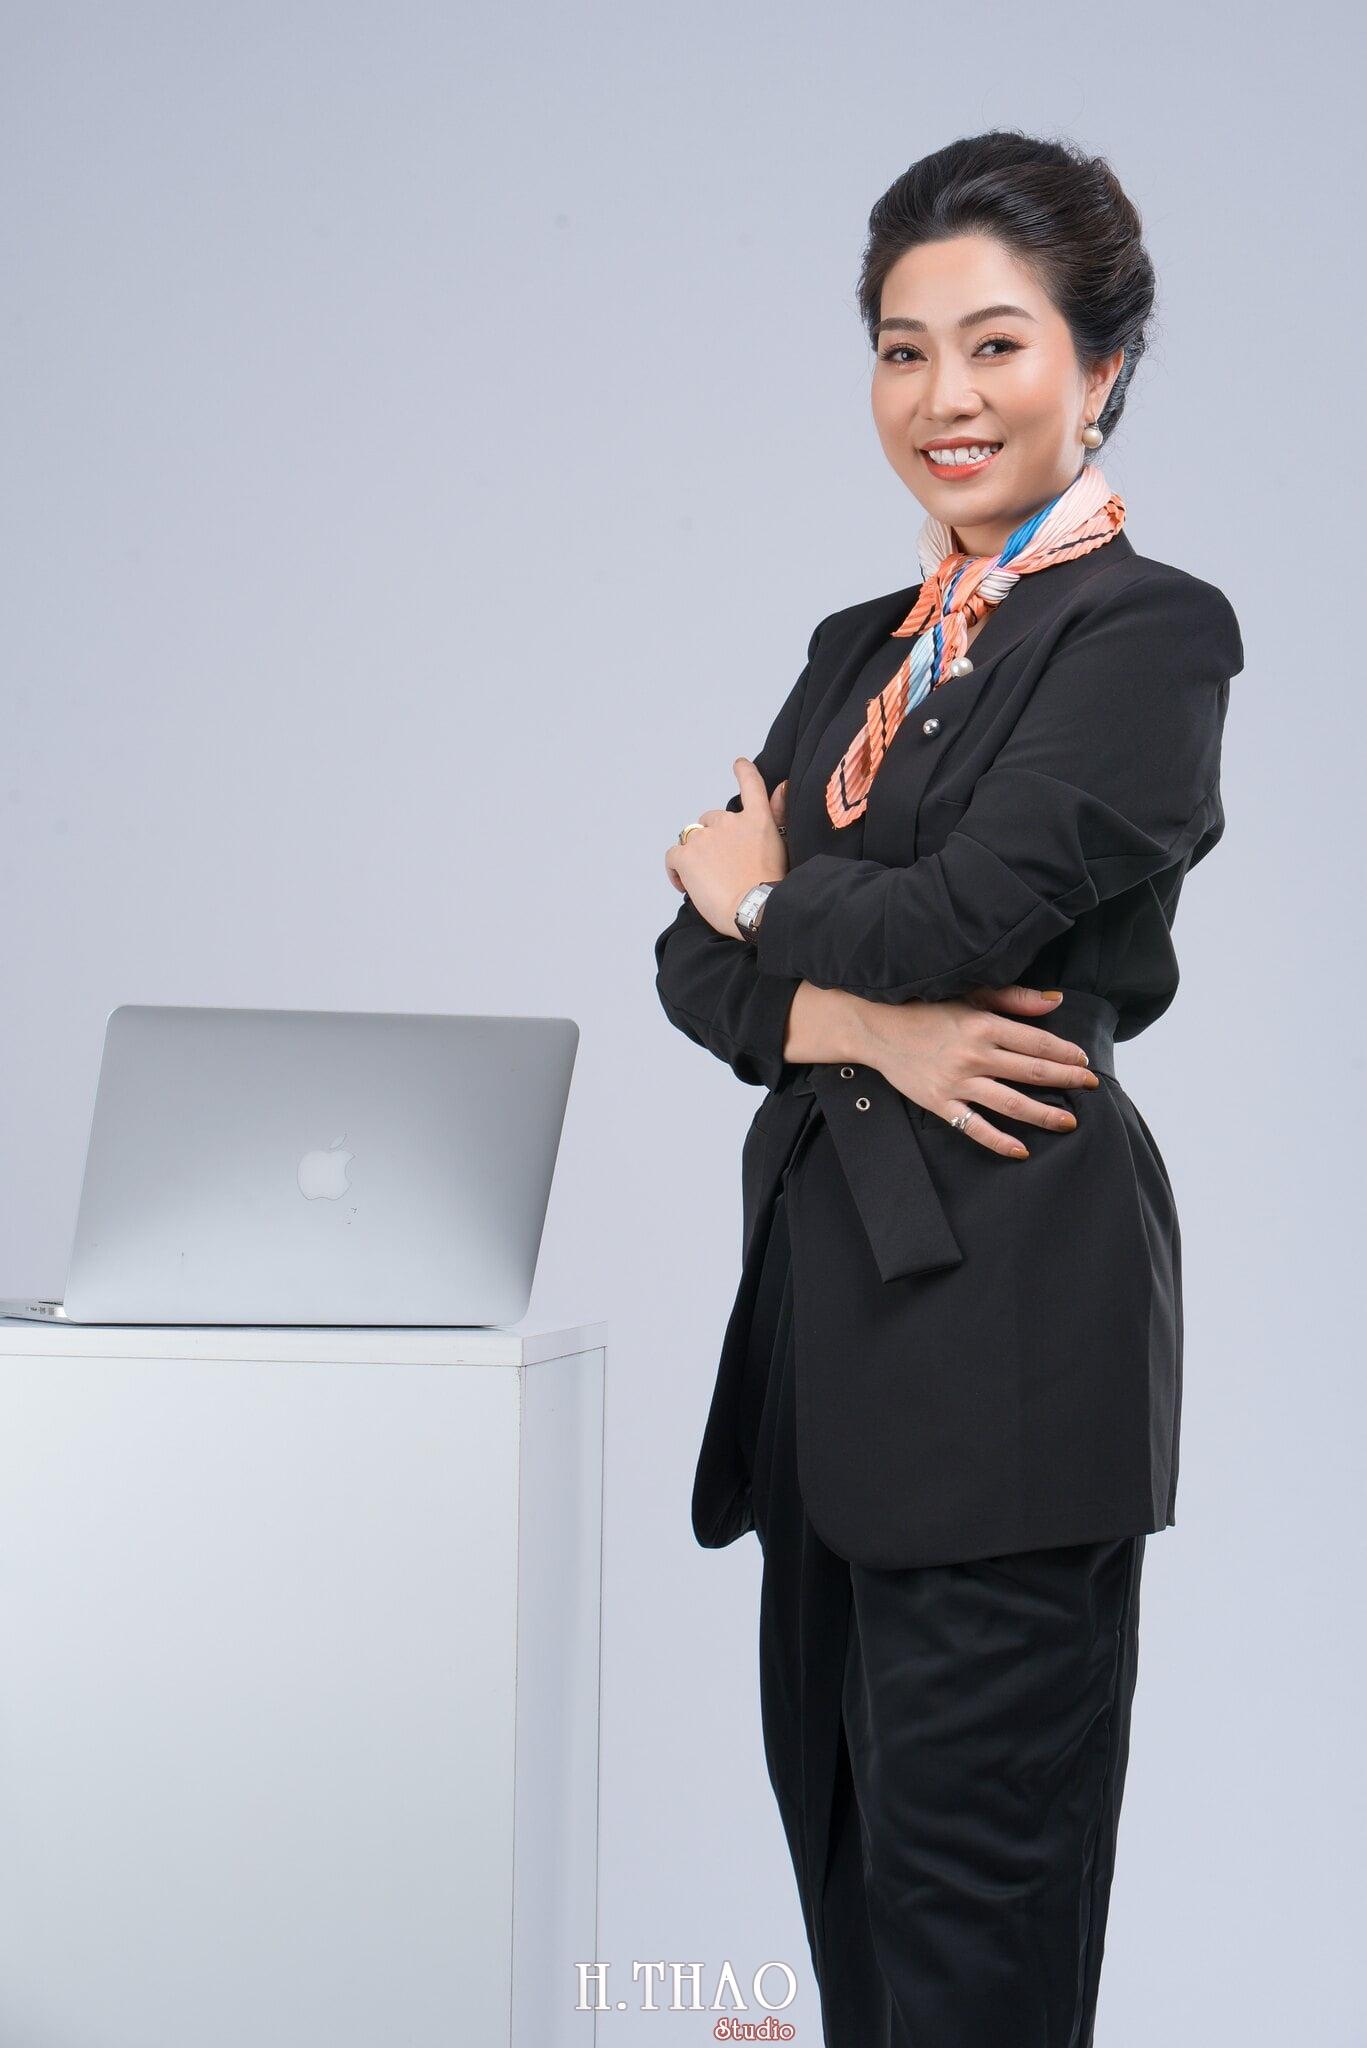 Doanh nhan nu 10 - Chụp ảnh nữ doanh nhân Lan Nguyễn tại HThao Studio – Tp.HCM